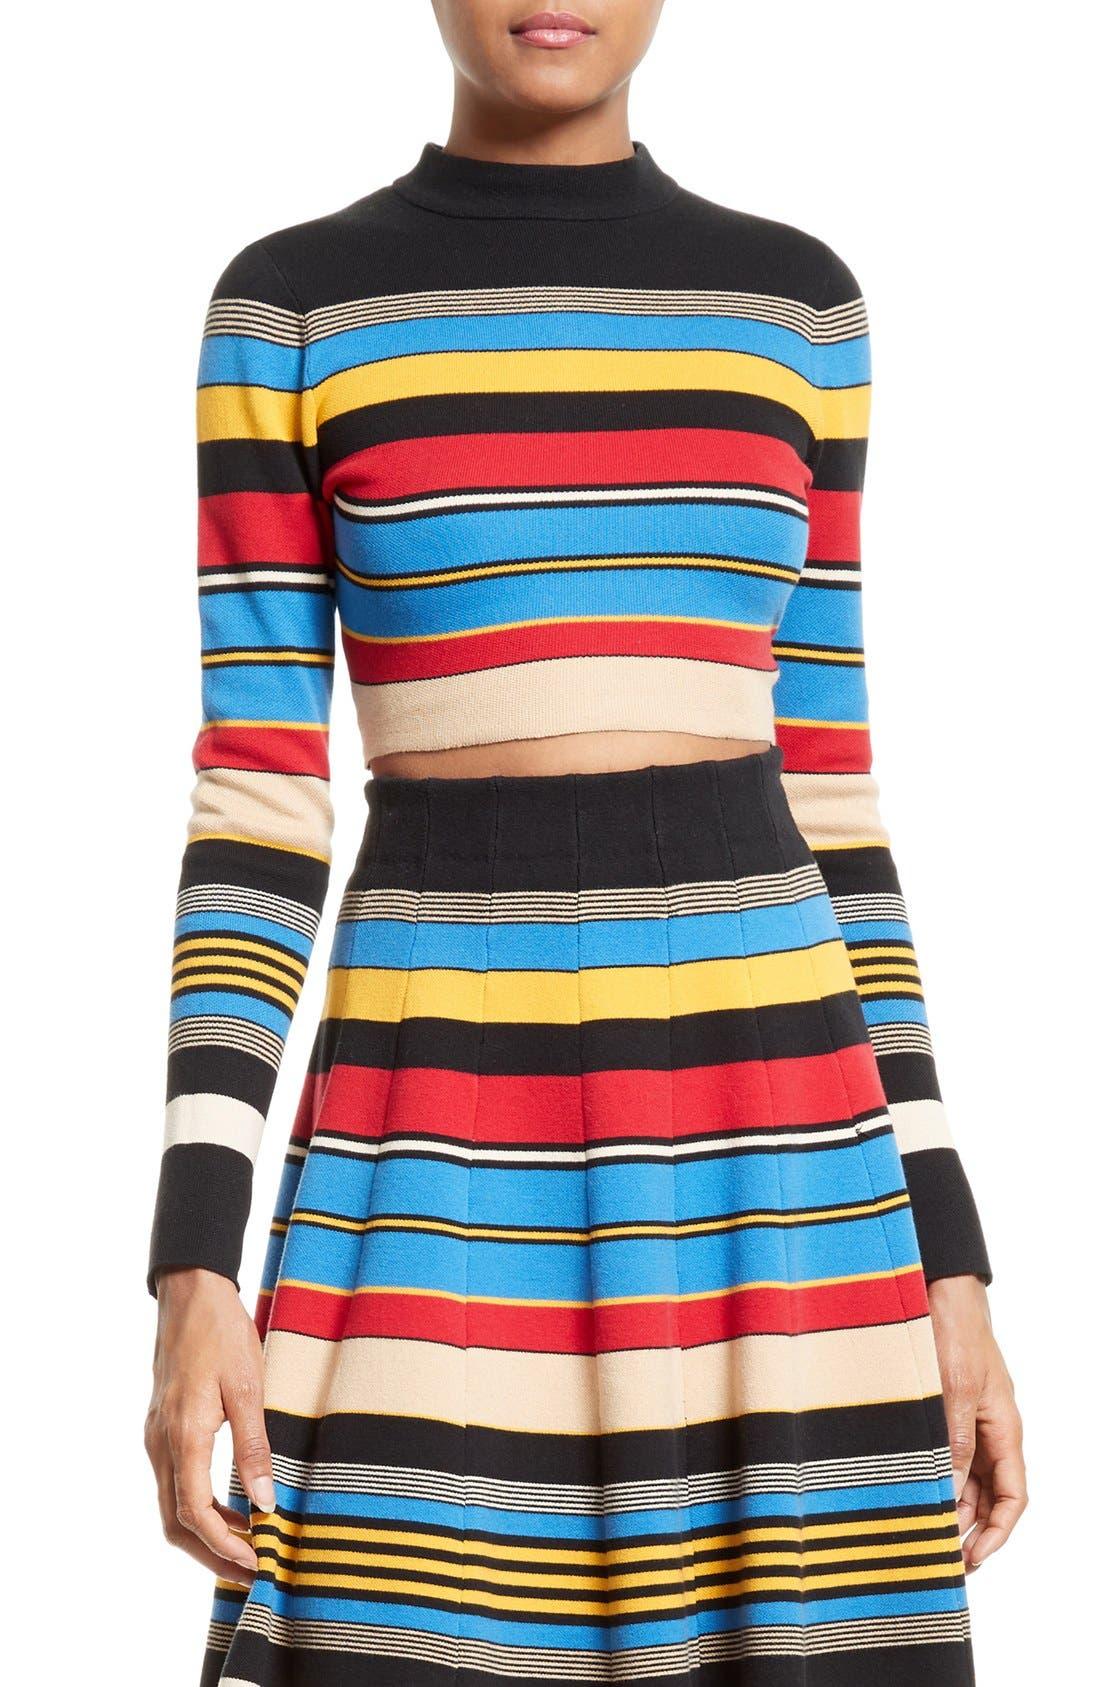 Stripe Crop Top,                         Main,                         color, Multi